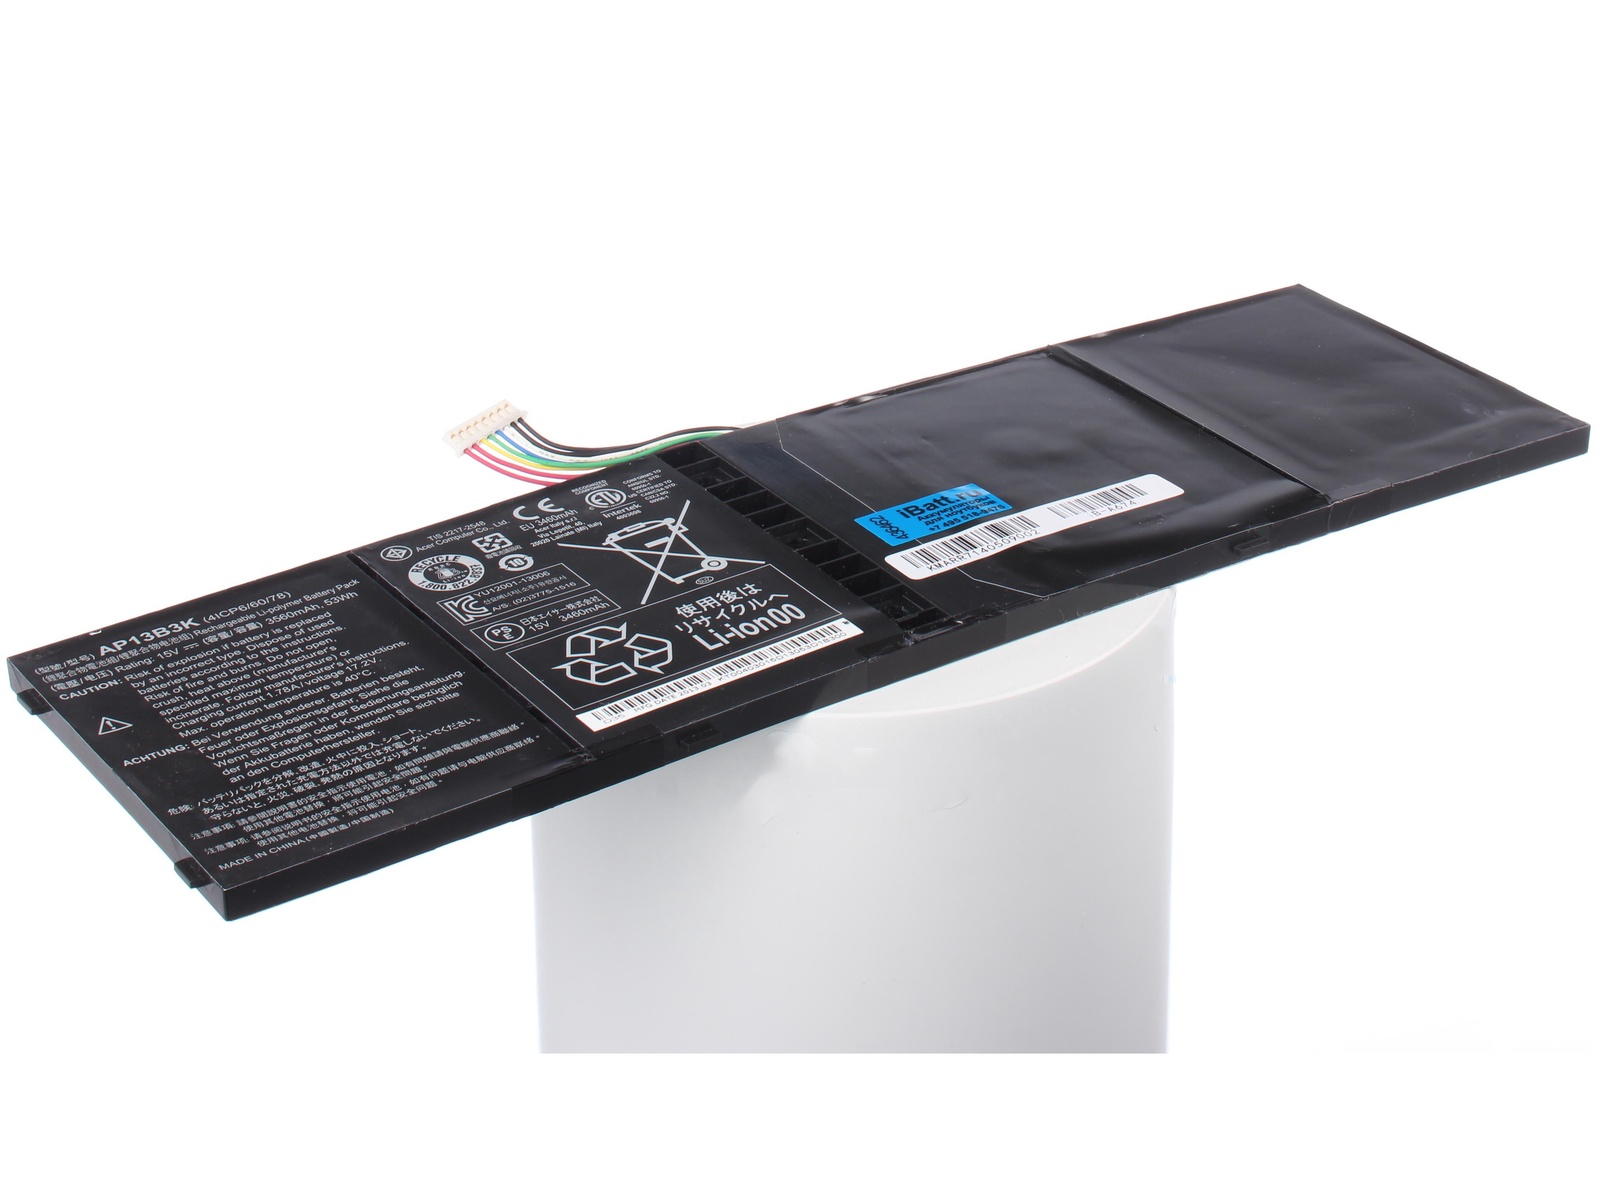 Аккумулятор для ноутбука iBatt для Acer Aspire V7-482PG-74508G52tii, Aspire V7-581PG, Aspire ES1-511-C227, Aspire V5-472G-33214G75a, Aspire V5-572G-73536G50aii, Aspire V5-572PG-53336G50amm, Aspire V5-573G-34014G1Ta hsw 53wh 15 2v ap13b8k kt00403015 laptop battery for acer aspire r7 v5 v7 es1 511 m5 583p r7 571 v5 473g v5 573p v7 481 v7 481g